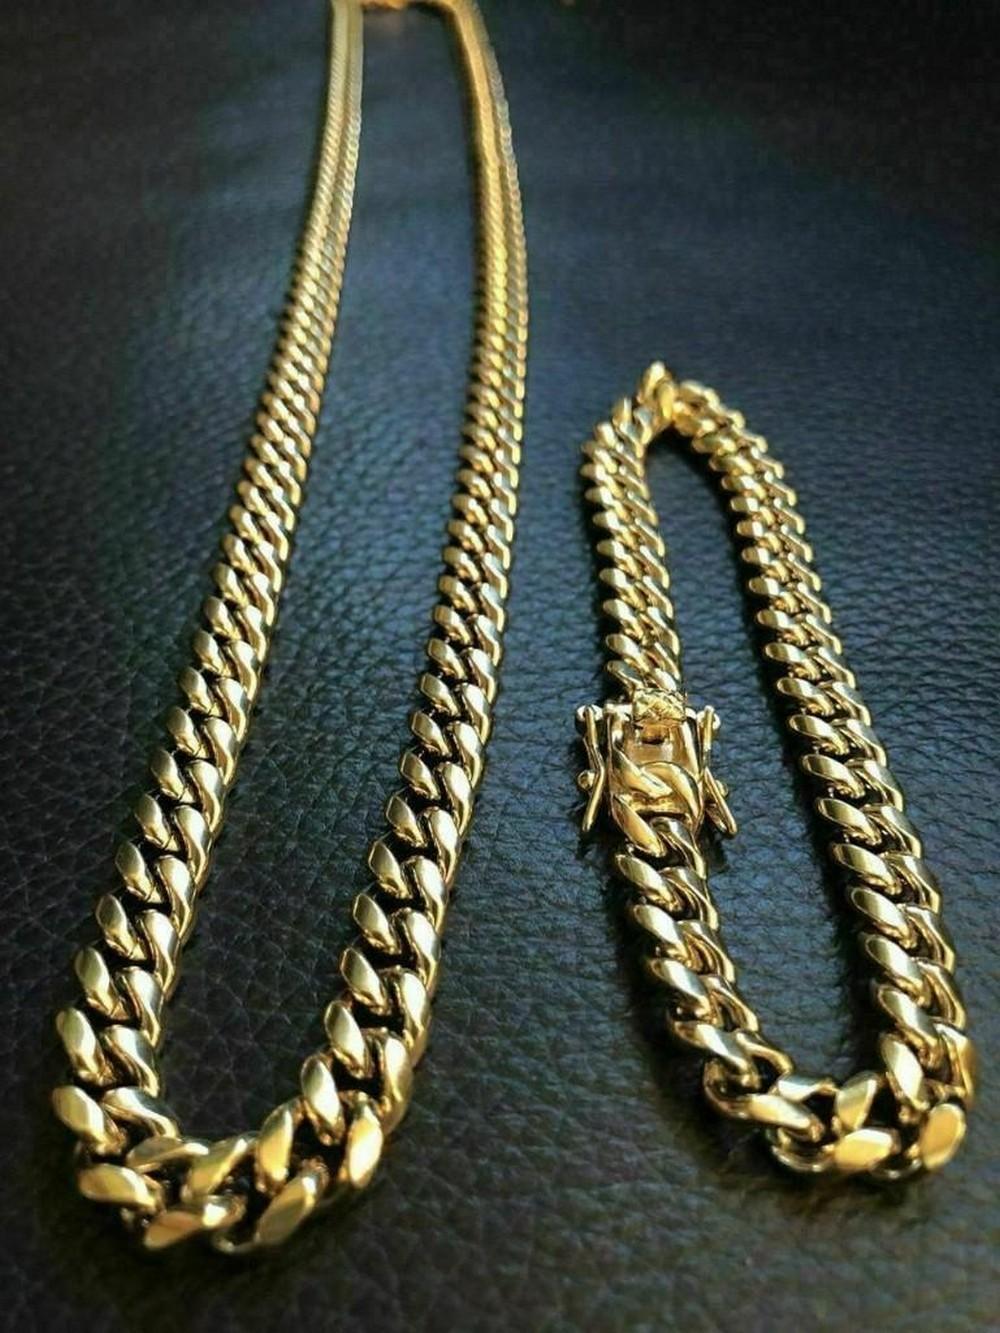 8MM Men's Cuban Miami Link Bracelet & Chain Set! 14k